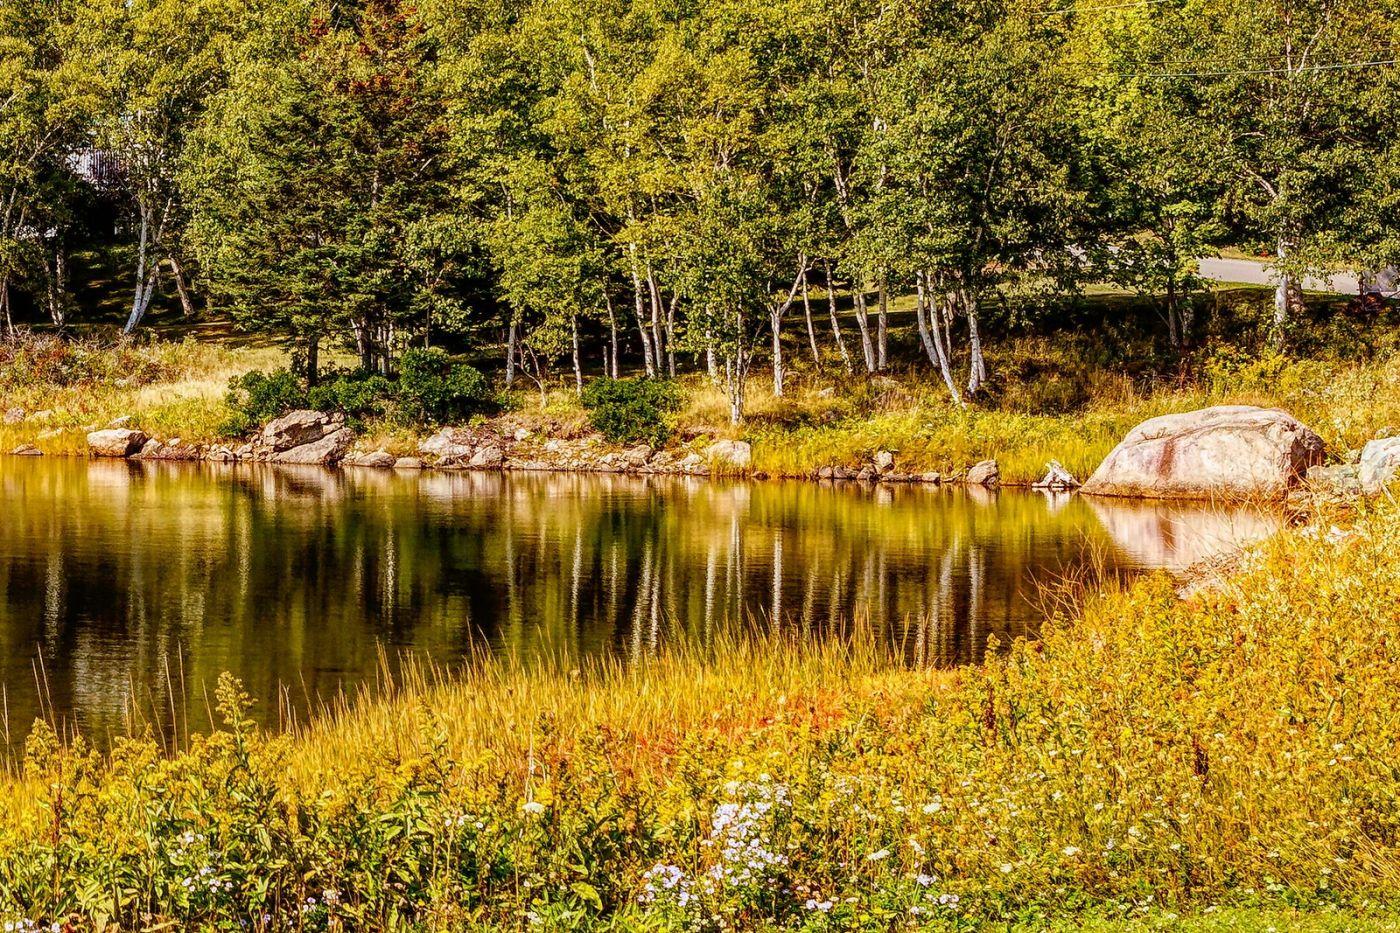 加拿大路途,水边抓拍_图1-21